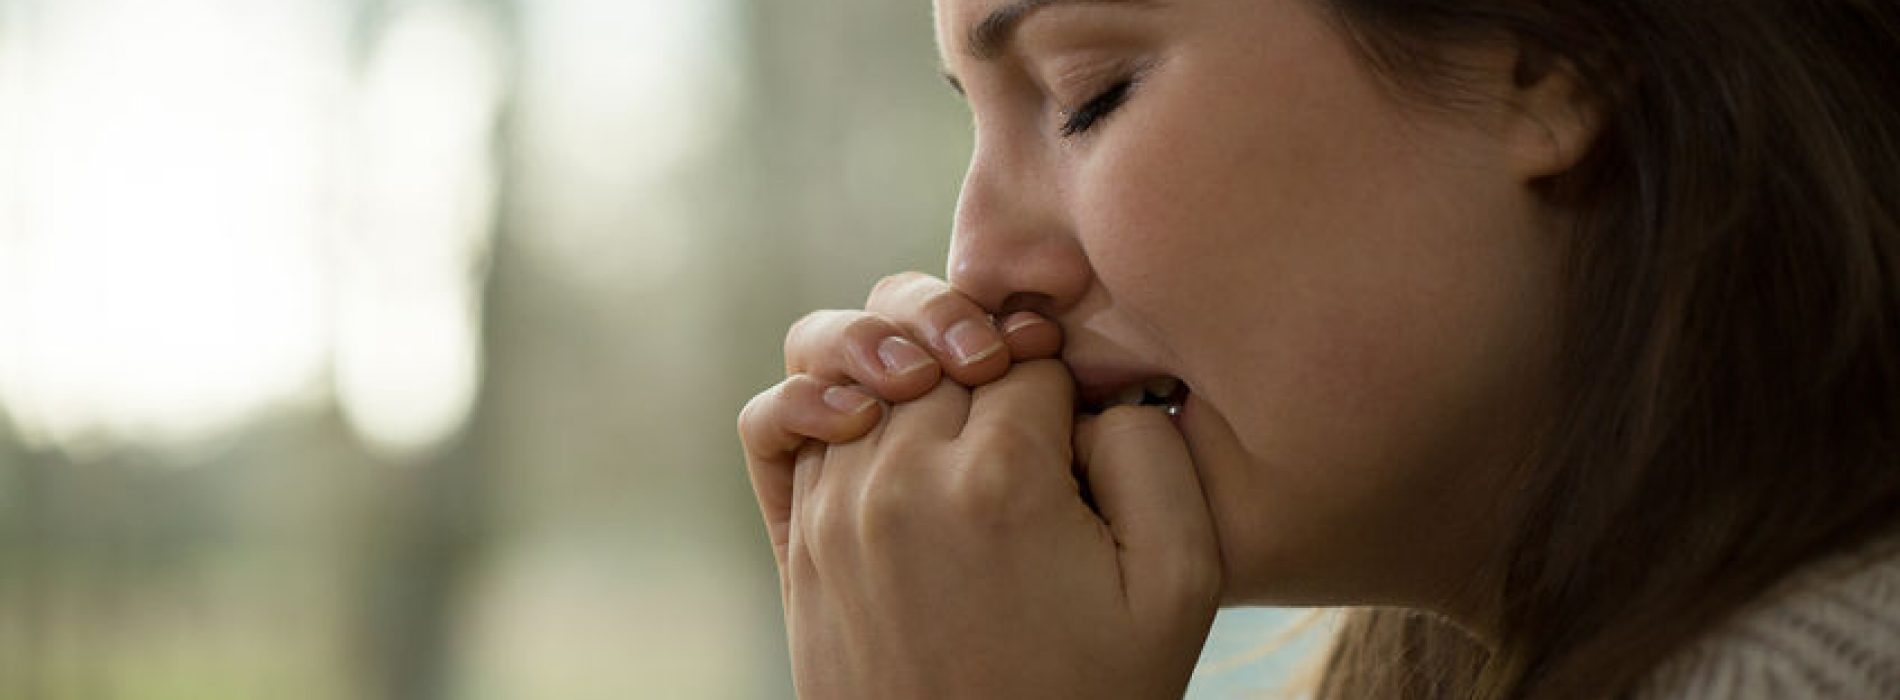 Stwardnienie rozsiane – co to jest? Przyczyny, objawy i leczenie